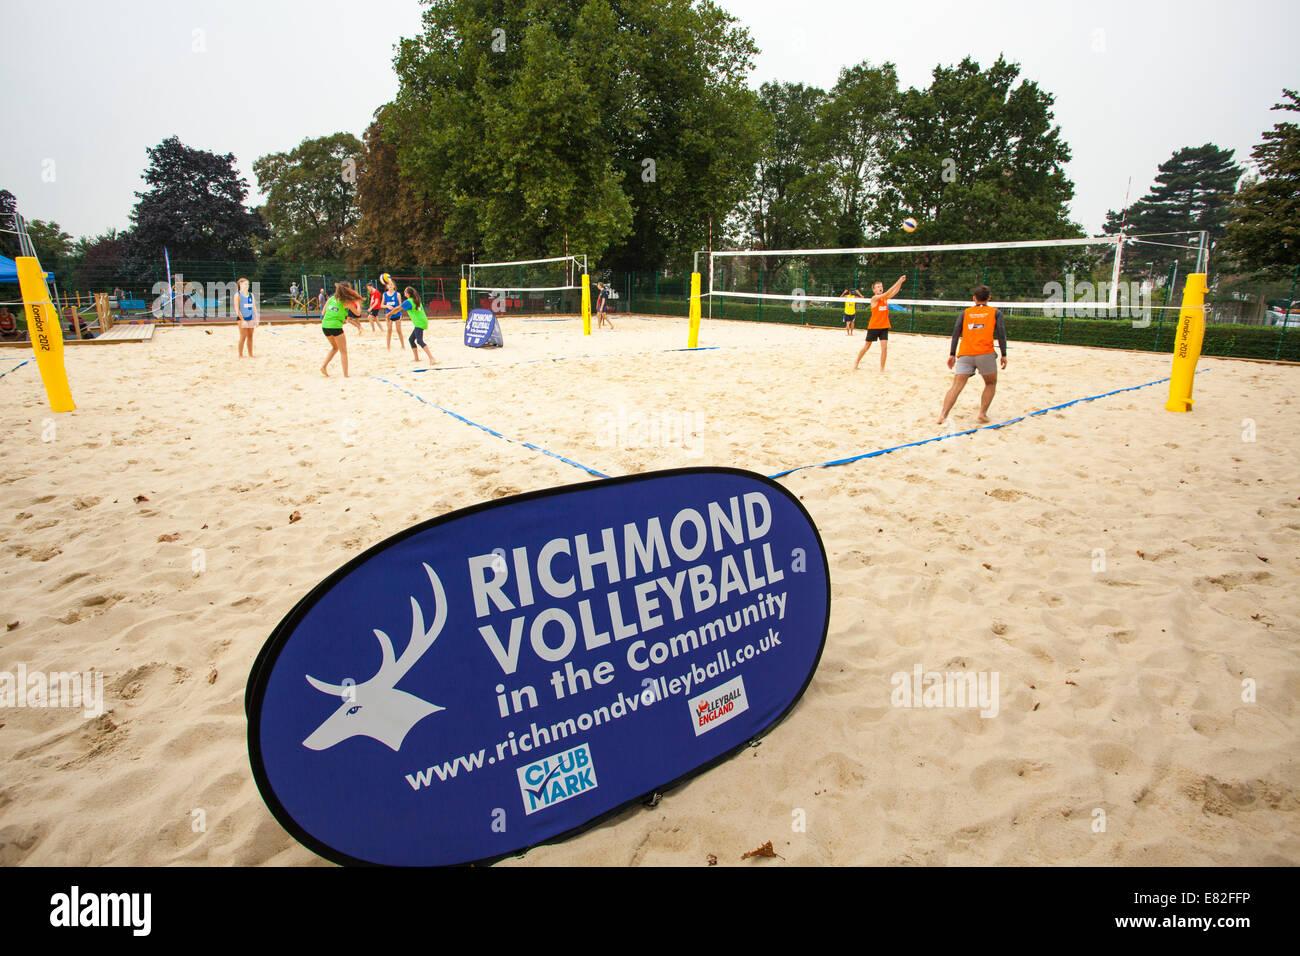 volleyball children stock photos u0026 volleyball children stock